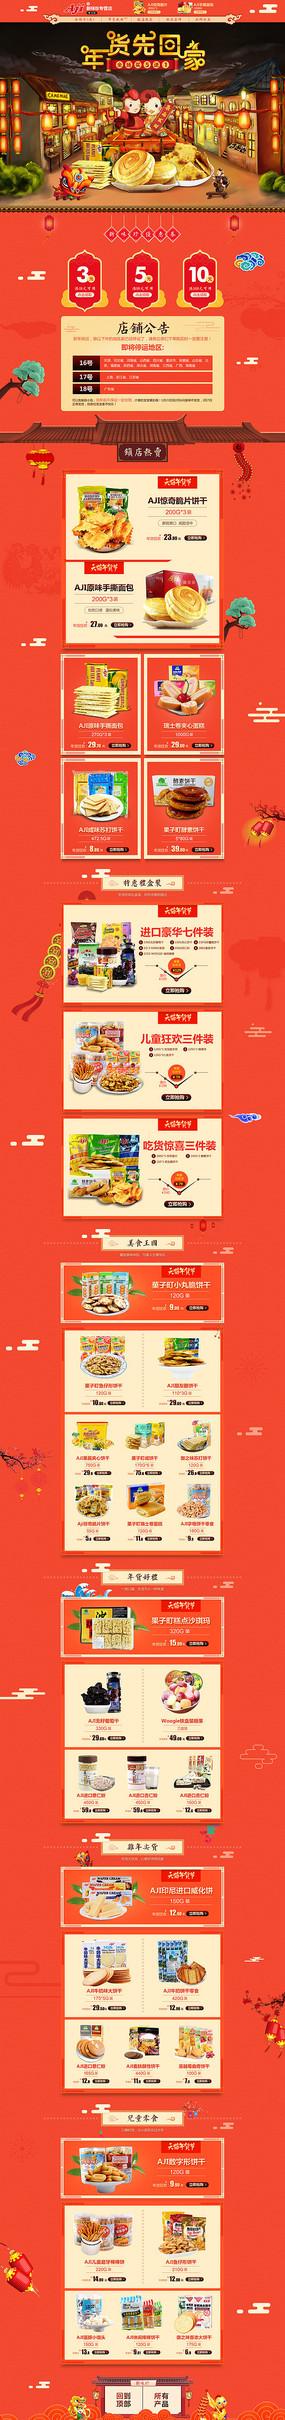 食品年货节春节首页装修模板